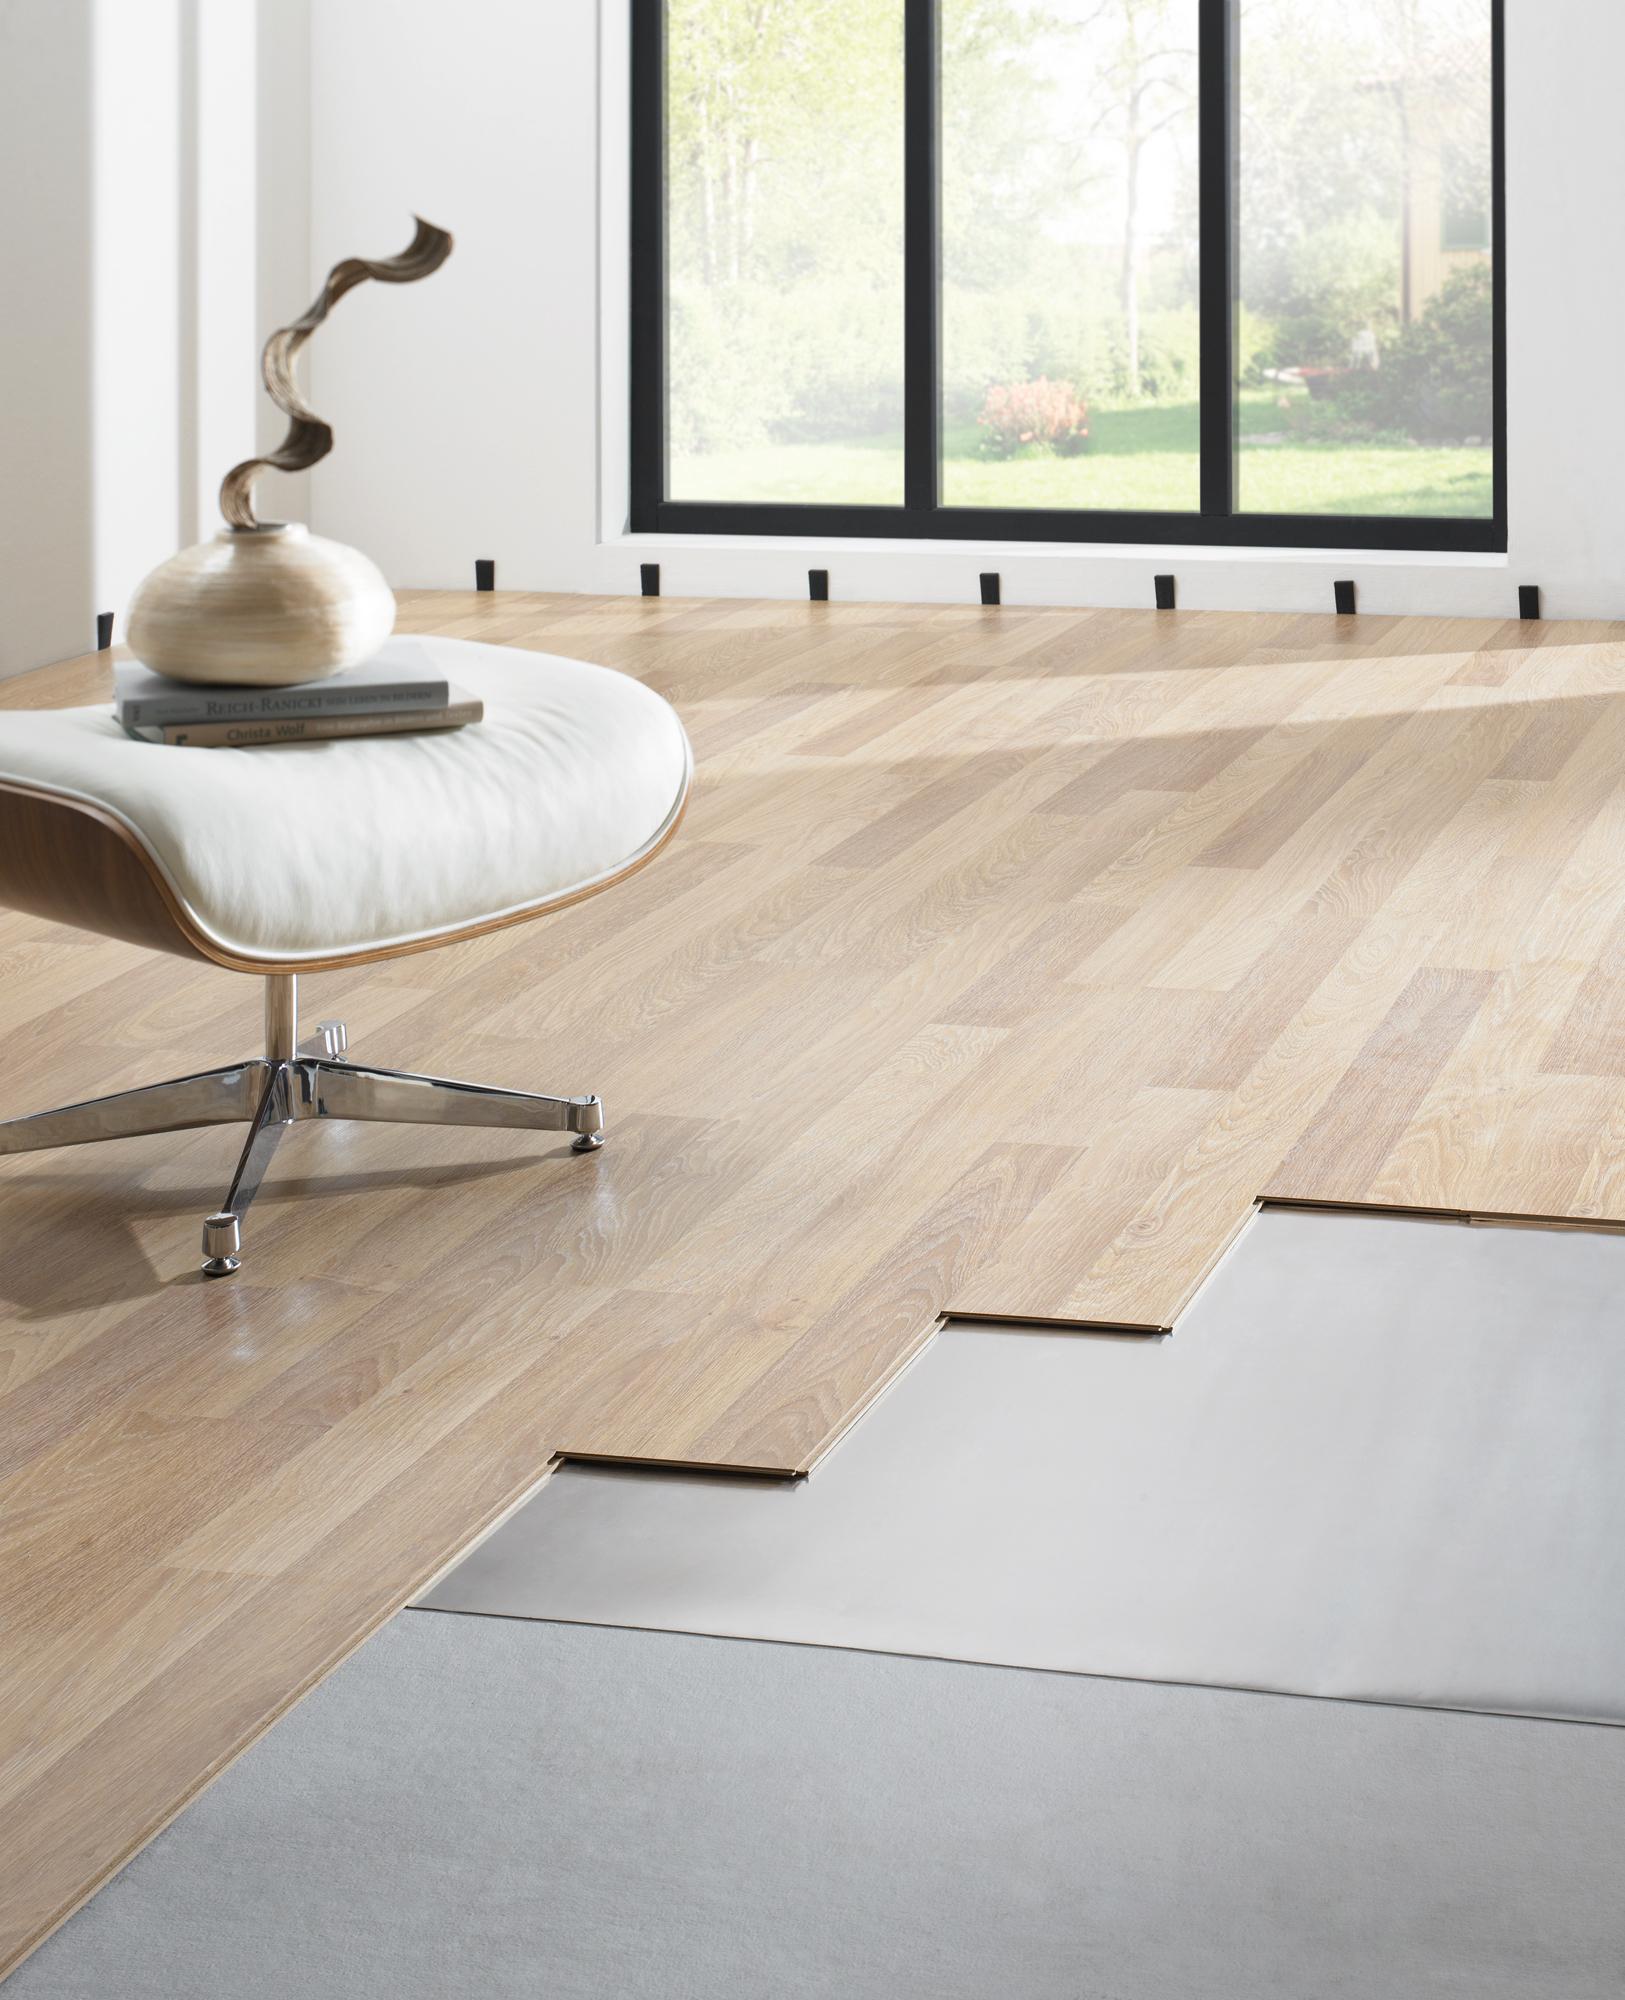 raumkonzepte wohnen. Black Bedroom Furniture Sets. Home Design Ideas